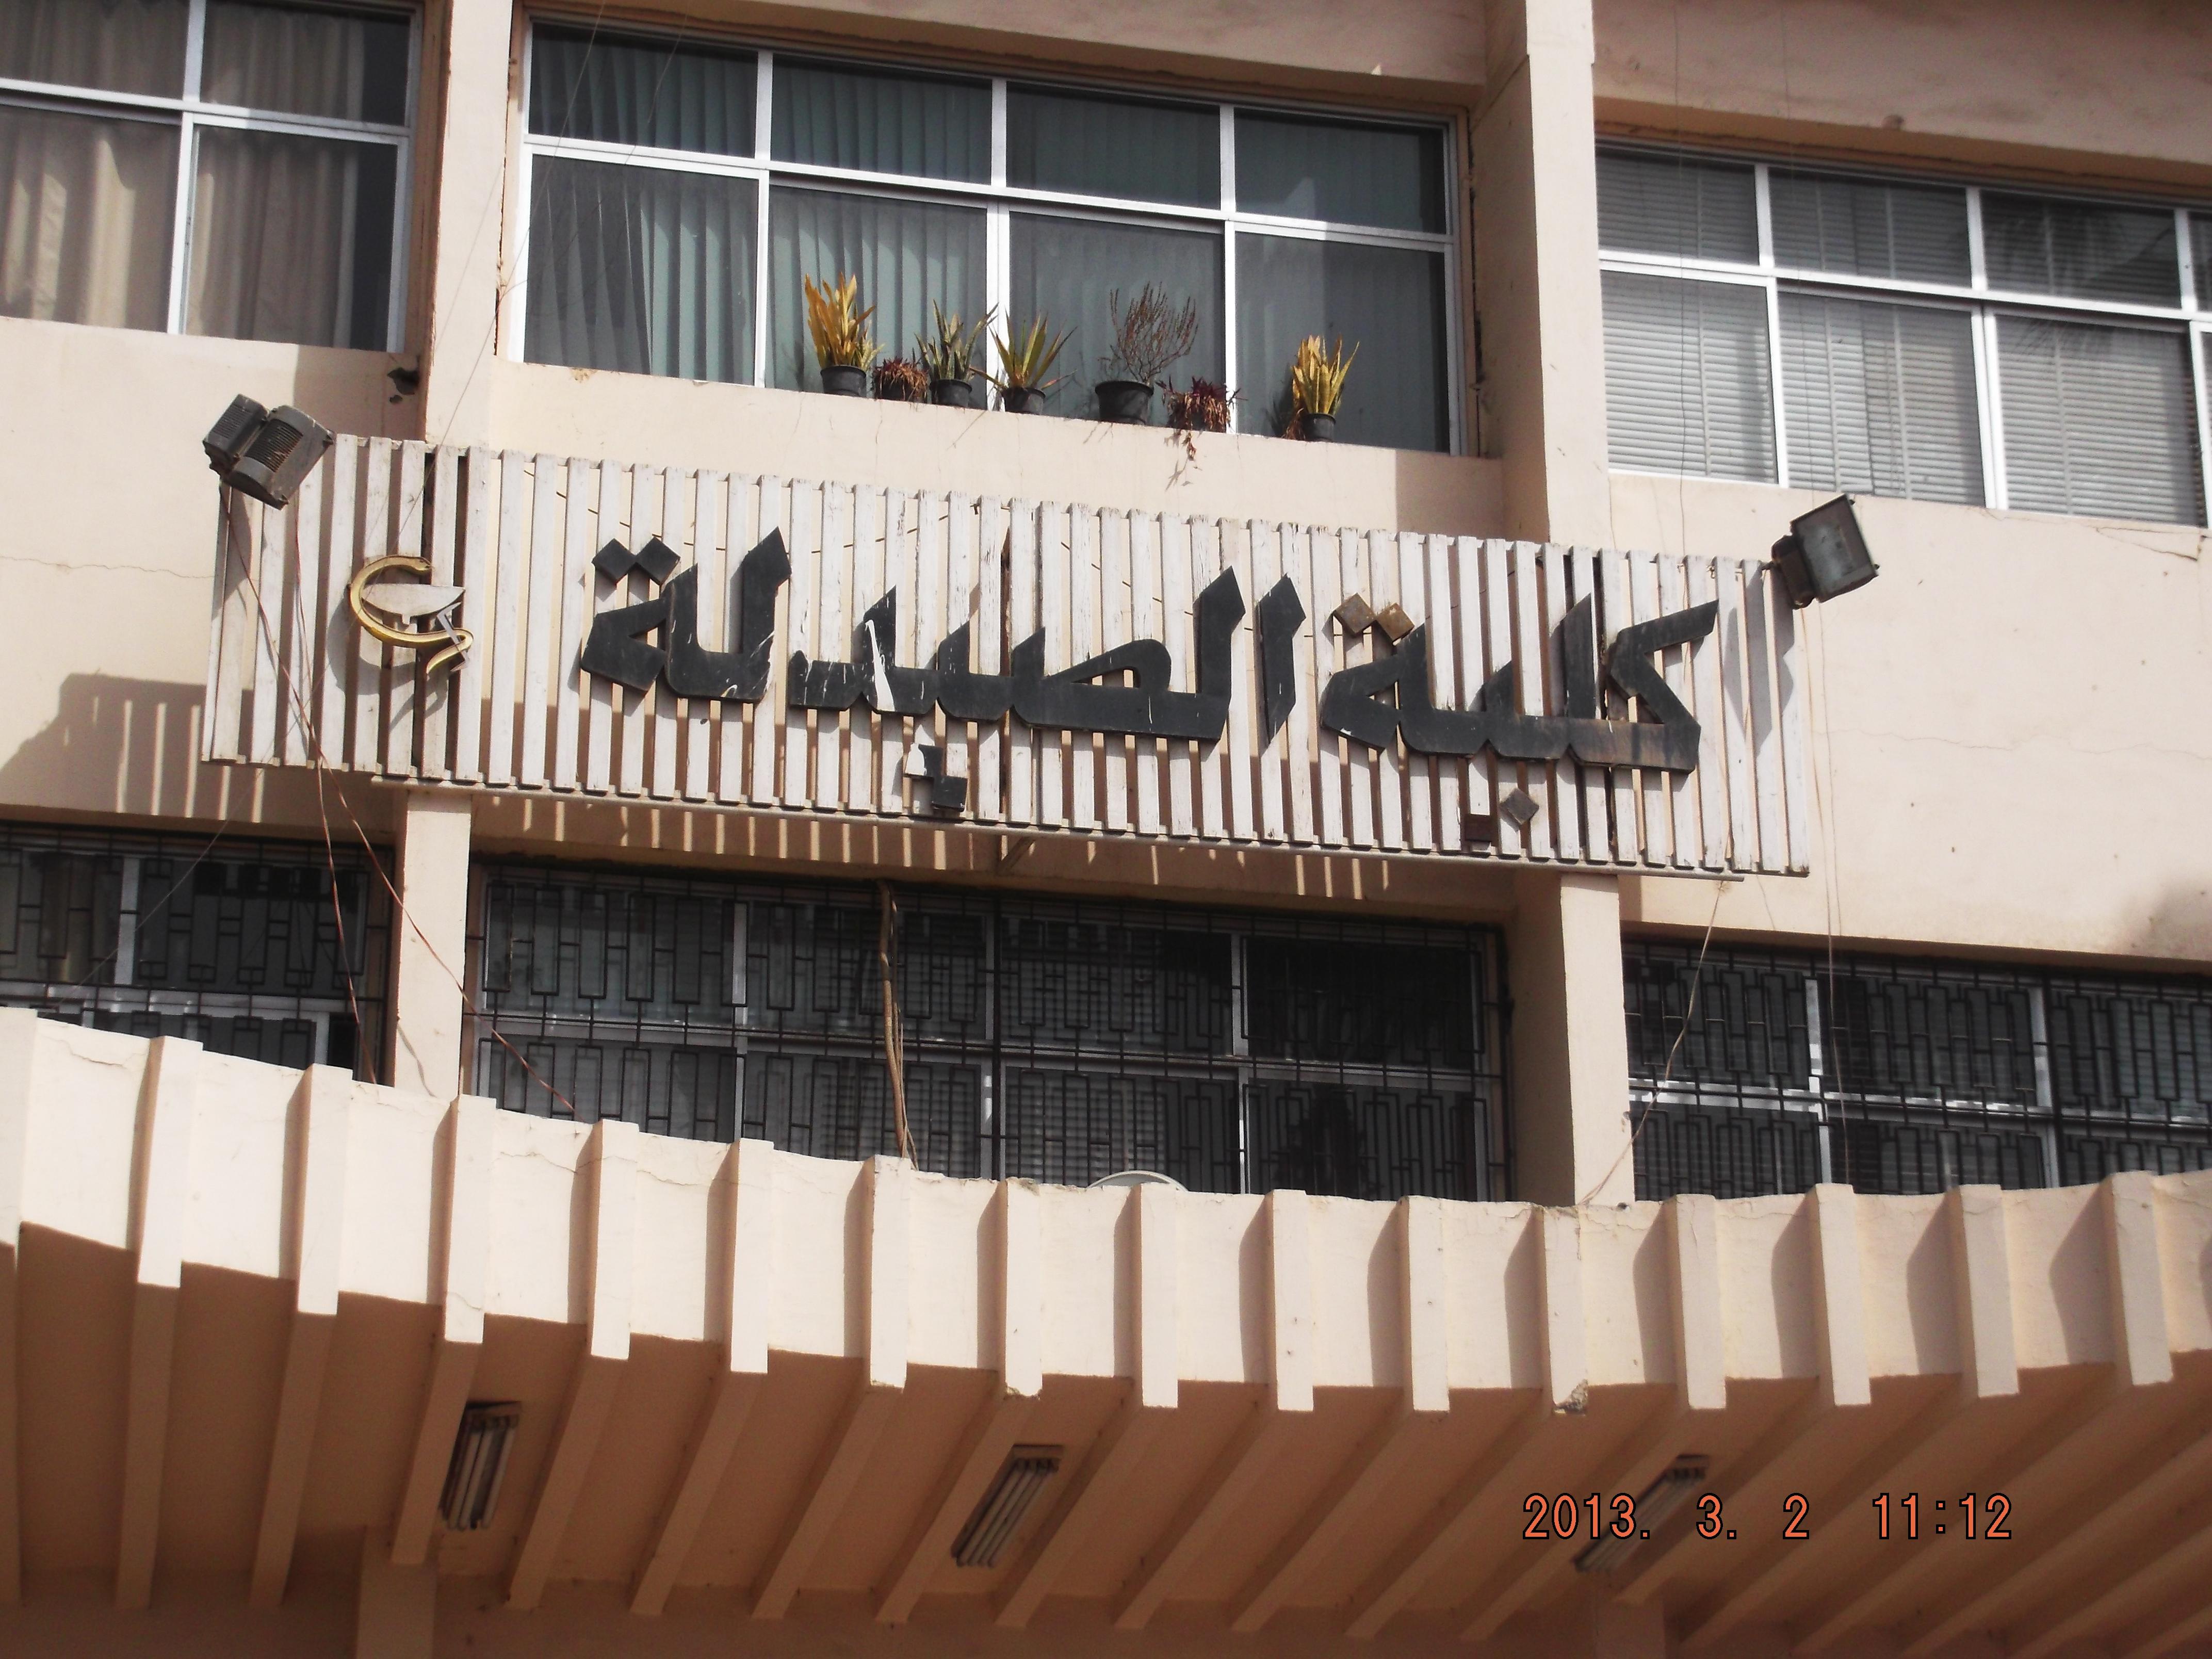 Recording student pharmacist / Mohammed Fathi El-Shafei (pharmacist